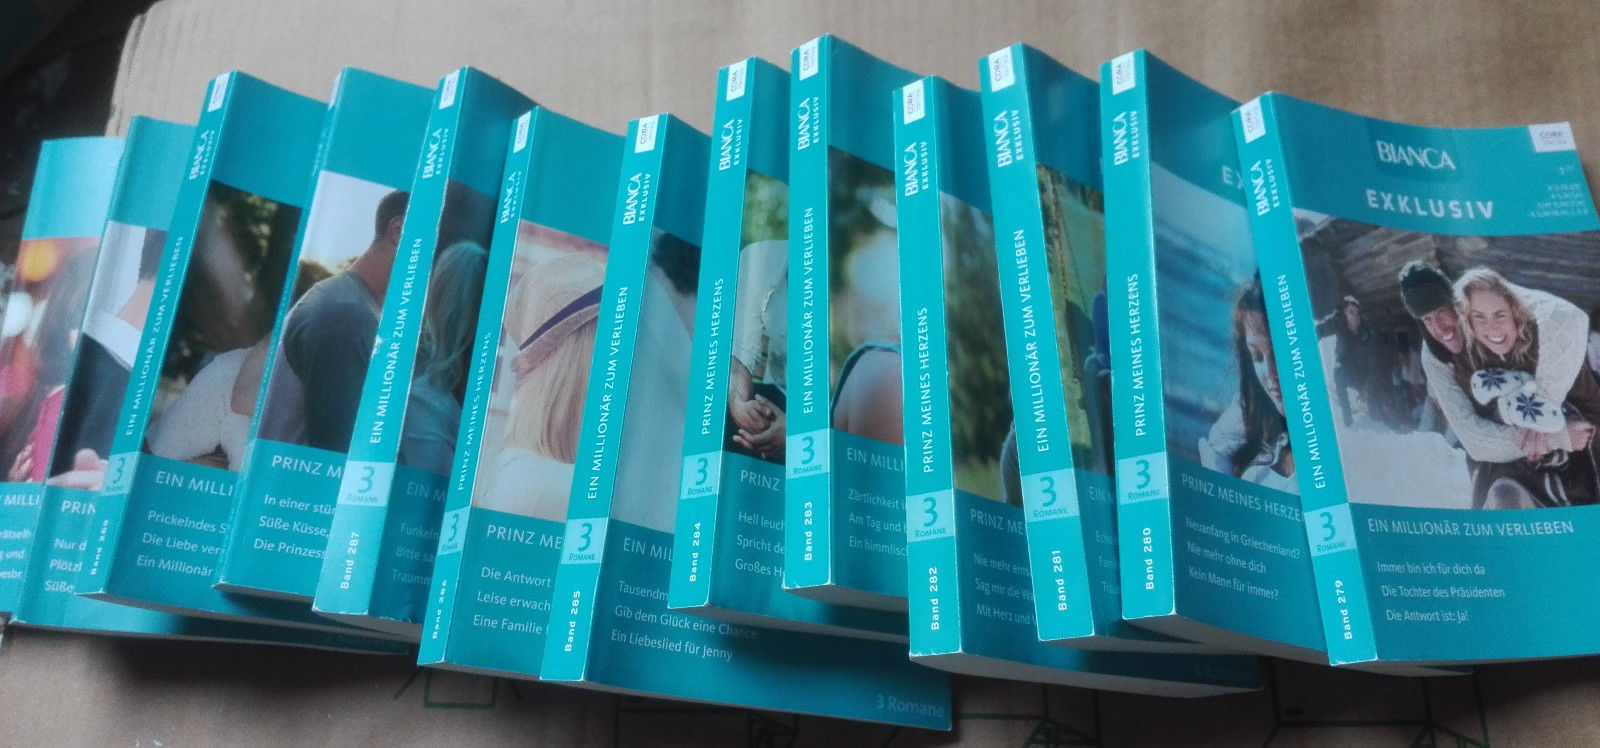 Bianca Exklusiv ~ 2017 komplett ~ Band 279-291 ~ je 3 Romane ~ Verlag Cora ~